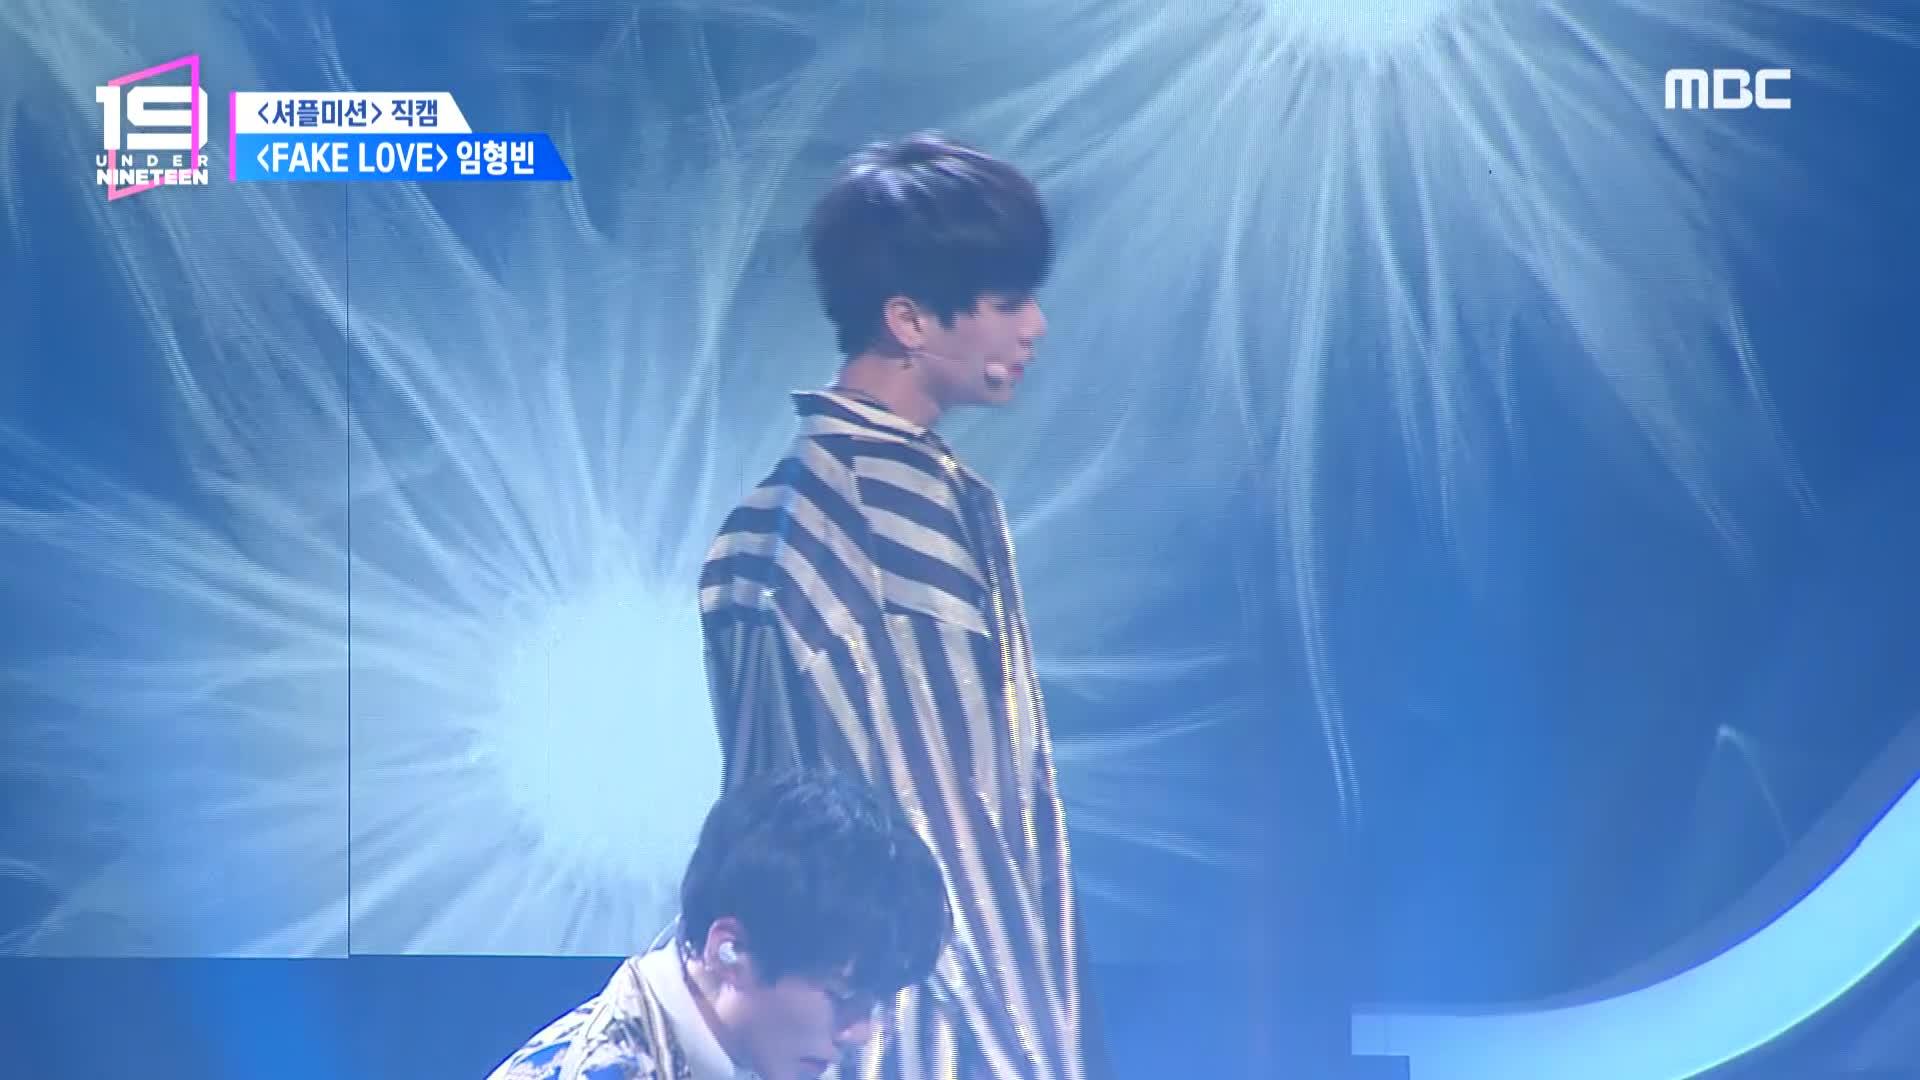 [셔플미션 직캠] 보컬 임형빈 ♬FAKE LOVE